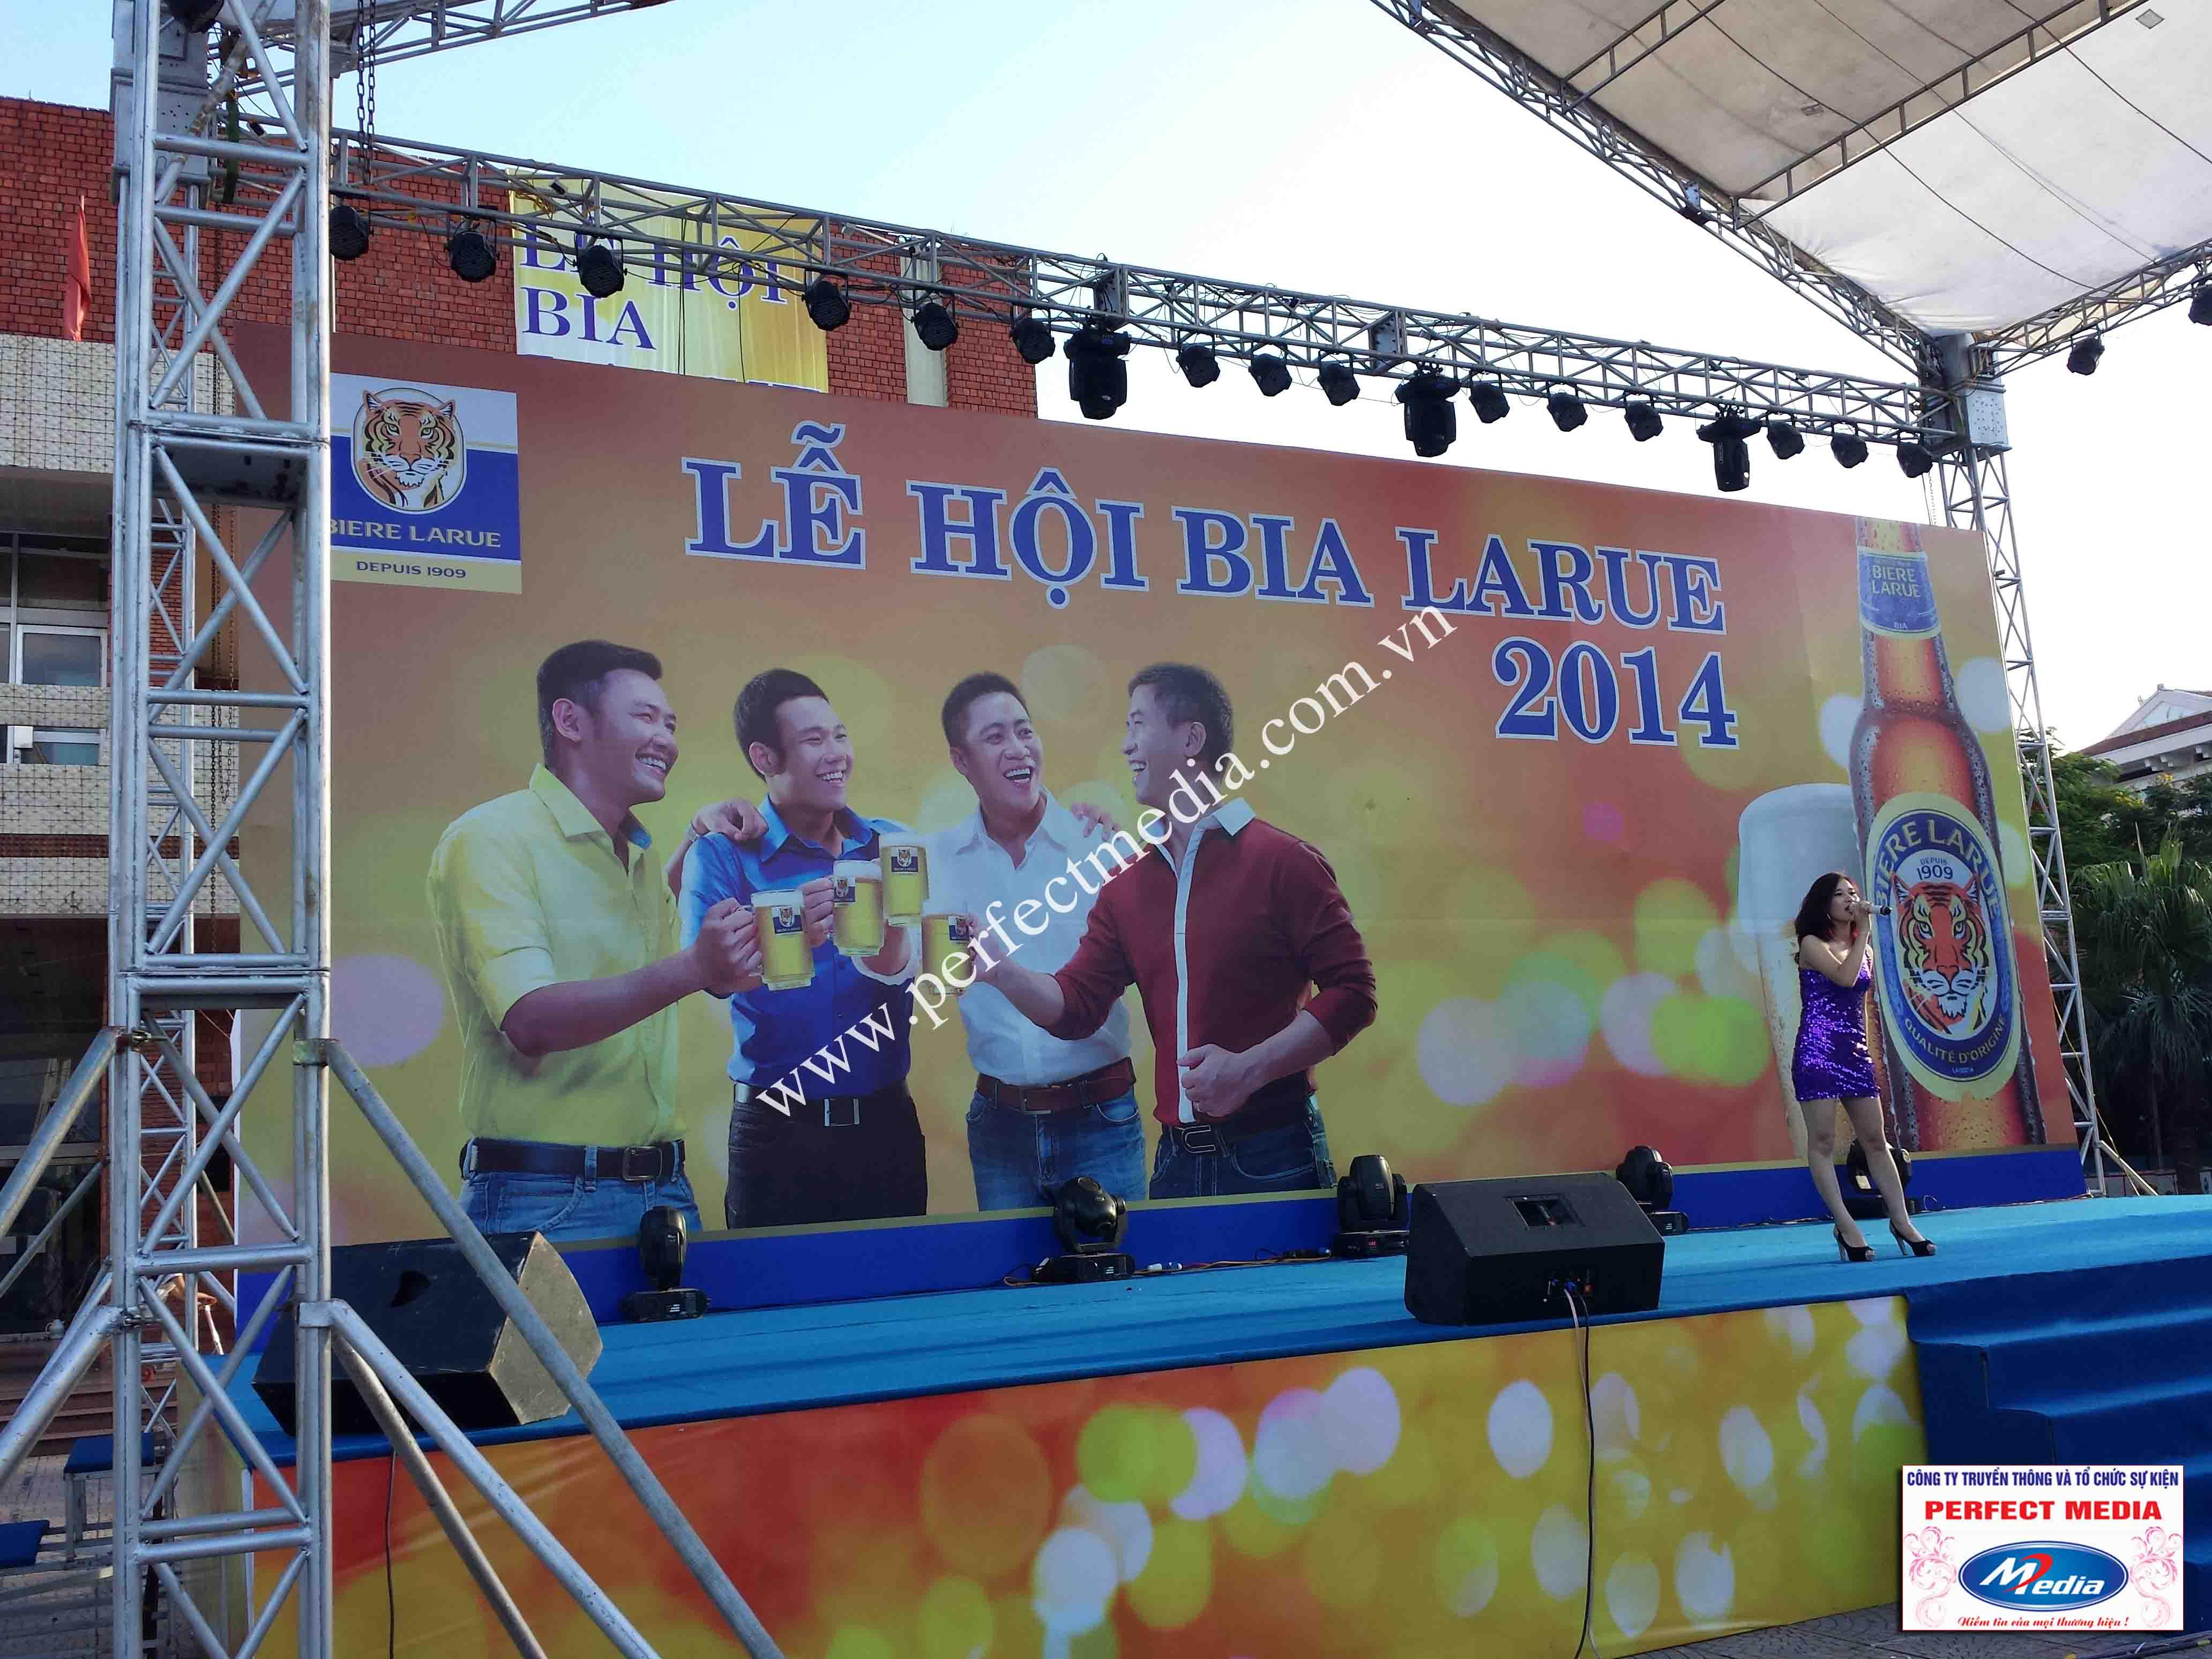 Hình ảnh Perfect Media đã thực hiện Tour Festival Bia Larue 02